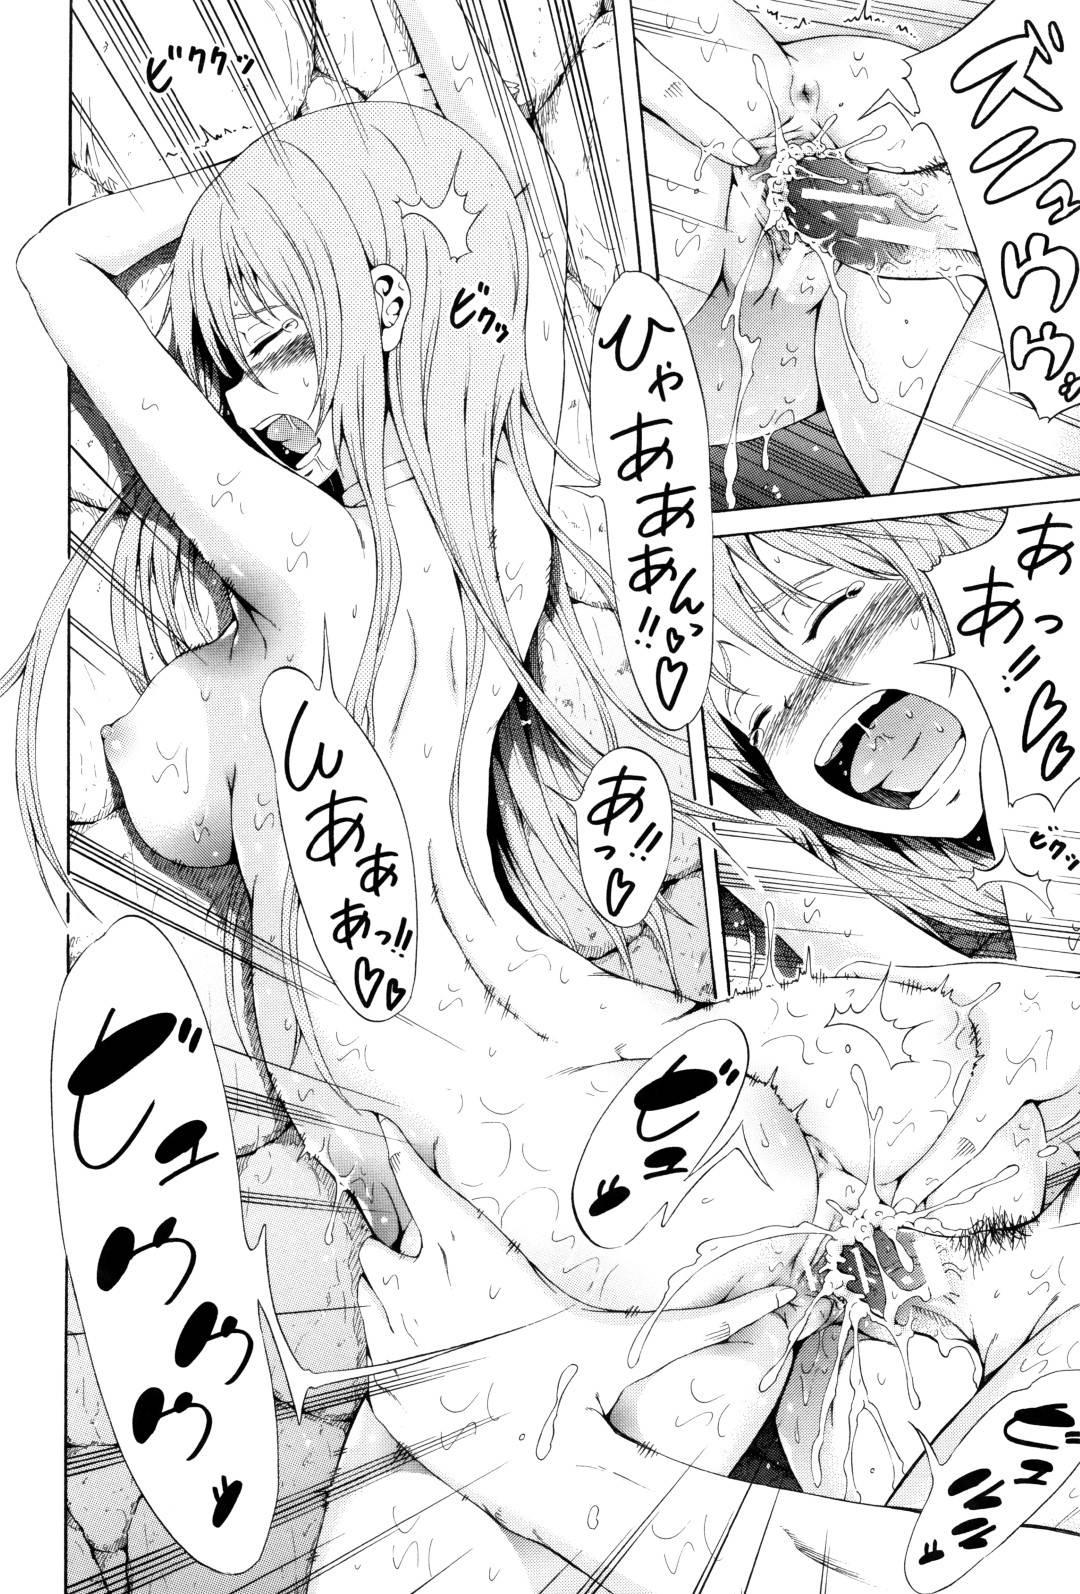 【エロ漫画】女だらけの島から唯一の男子が脱出するのを助けてあげたあと、最後に想いを告白してイチャラブセックスする巨乳美少女奴隷【赤月みゅうと/リンガフランカ‼ 最終話】